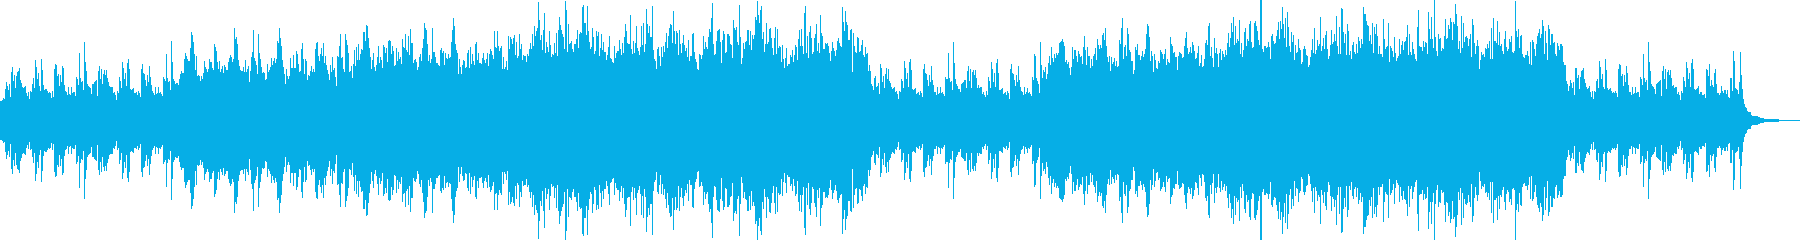 旅・湯けむりの里シリーズ紀行もの-01の再生済みの波形